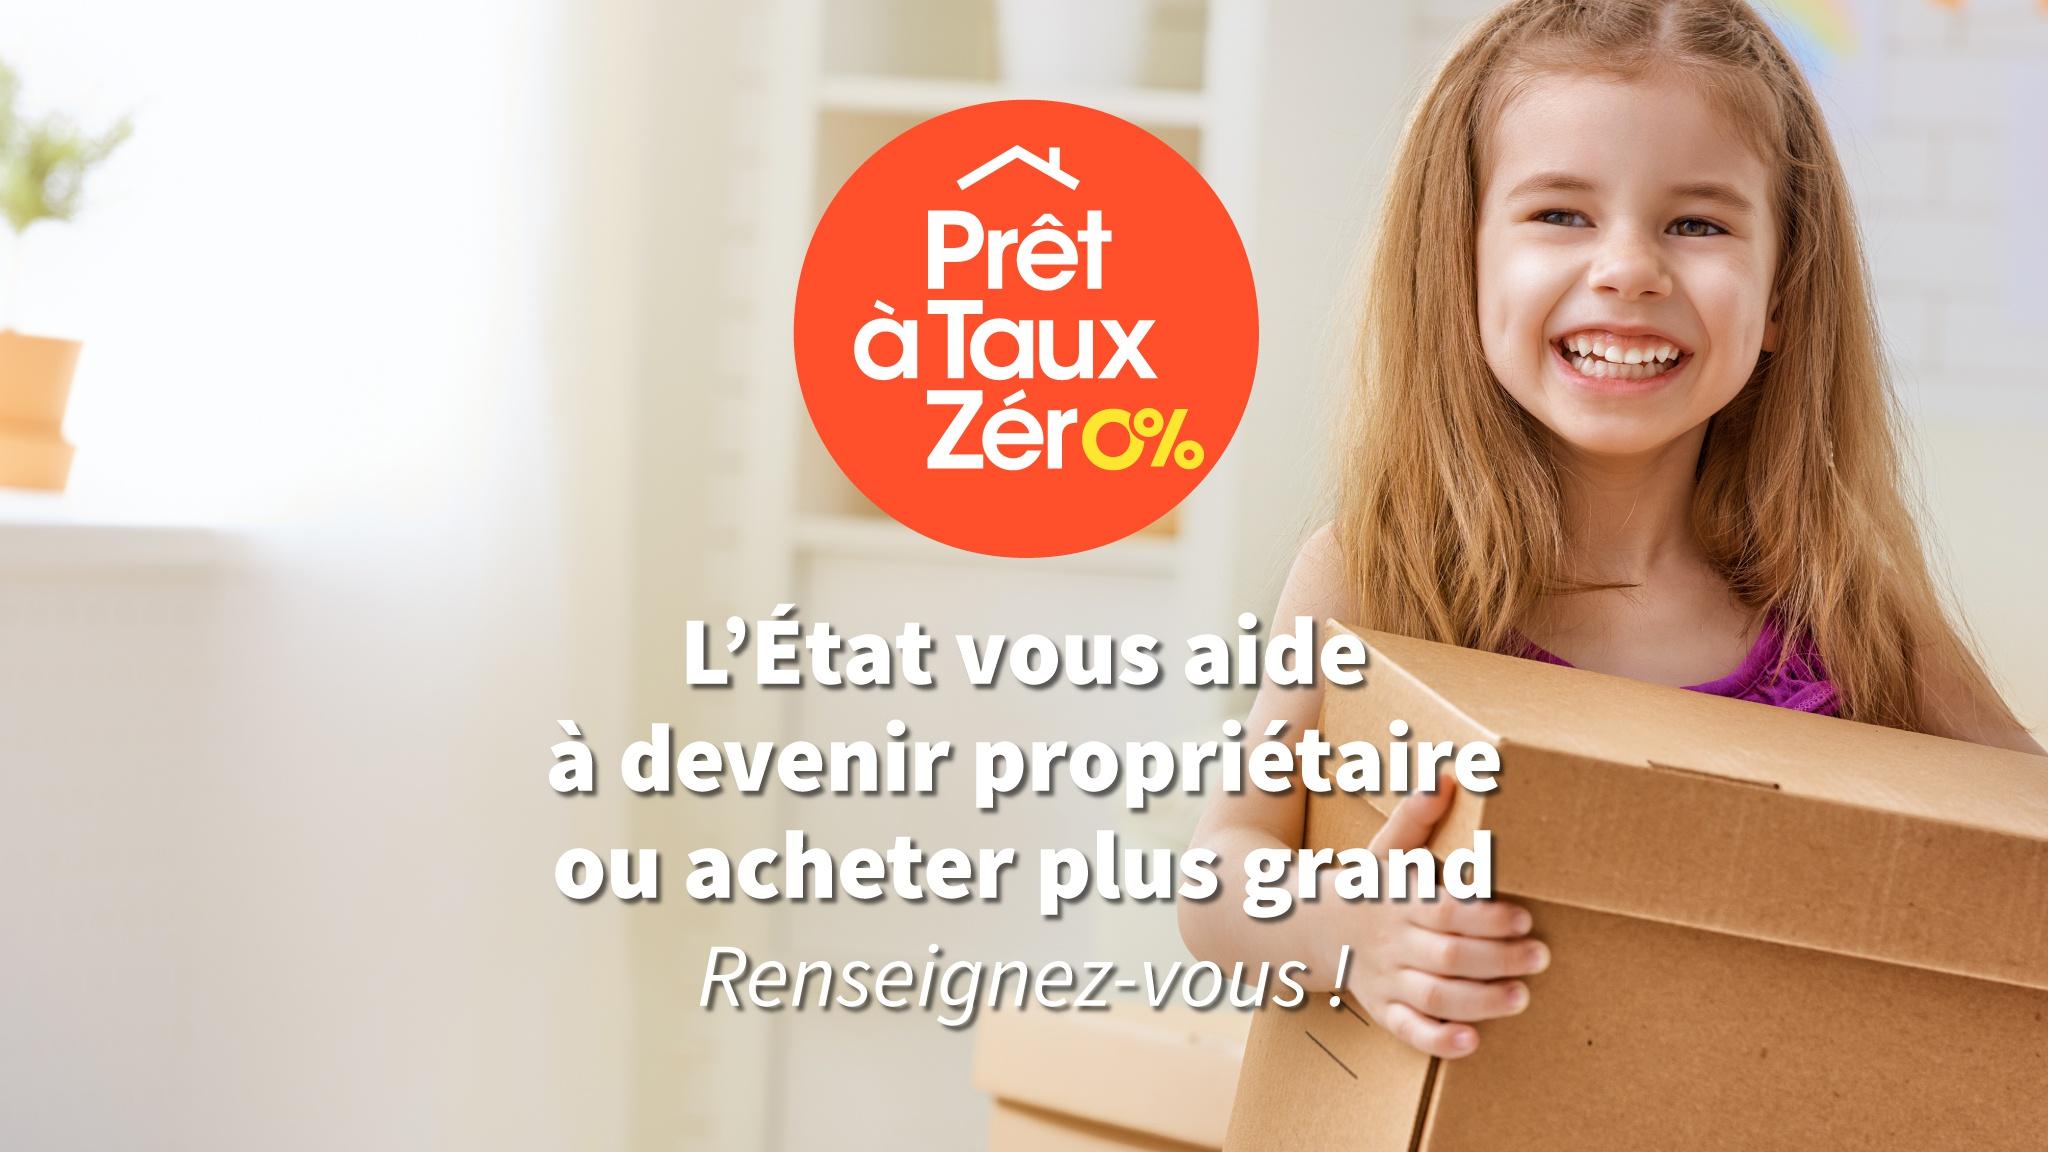 Prêt à taux zéro achat immobilier Évian